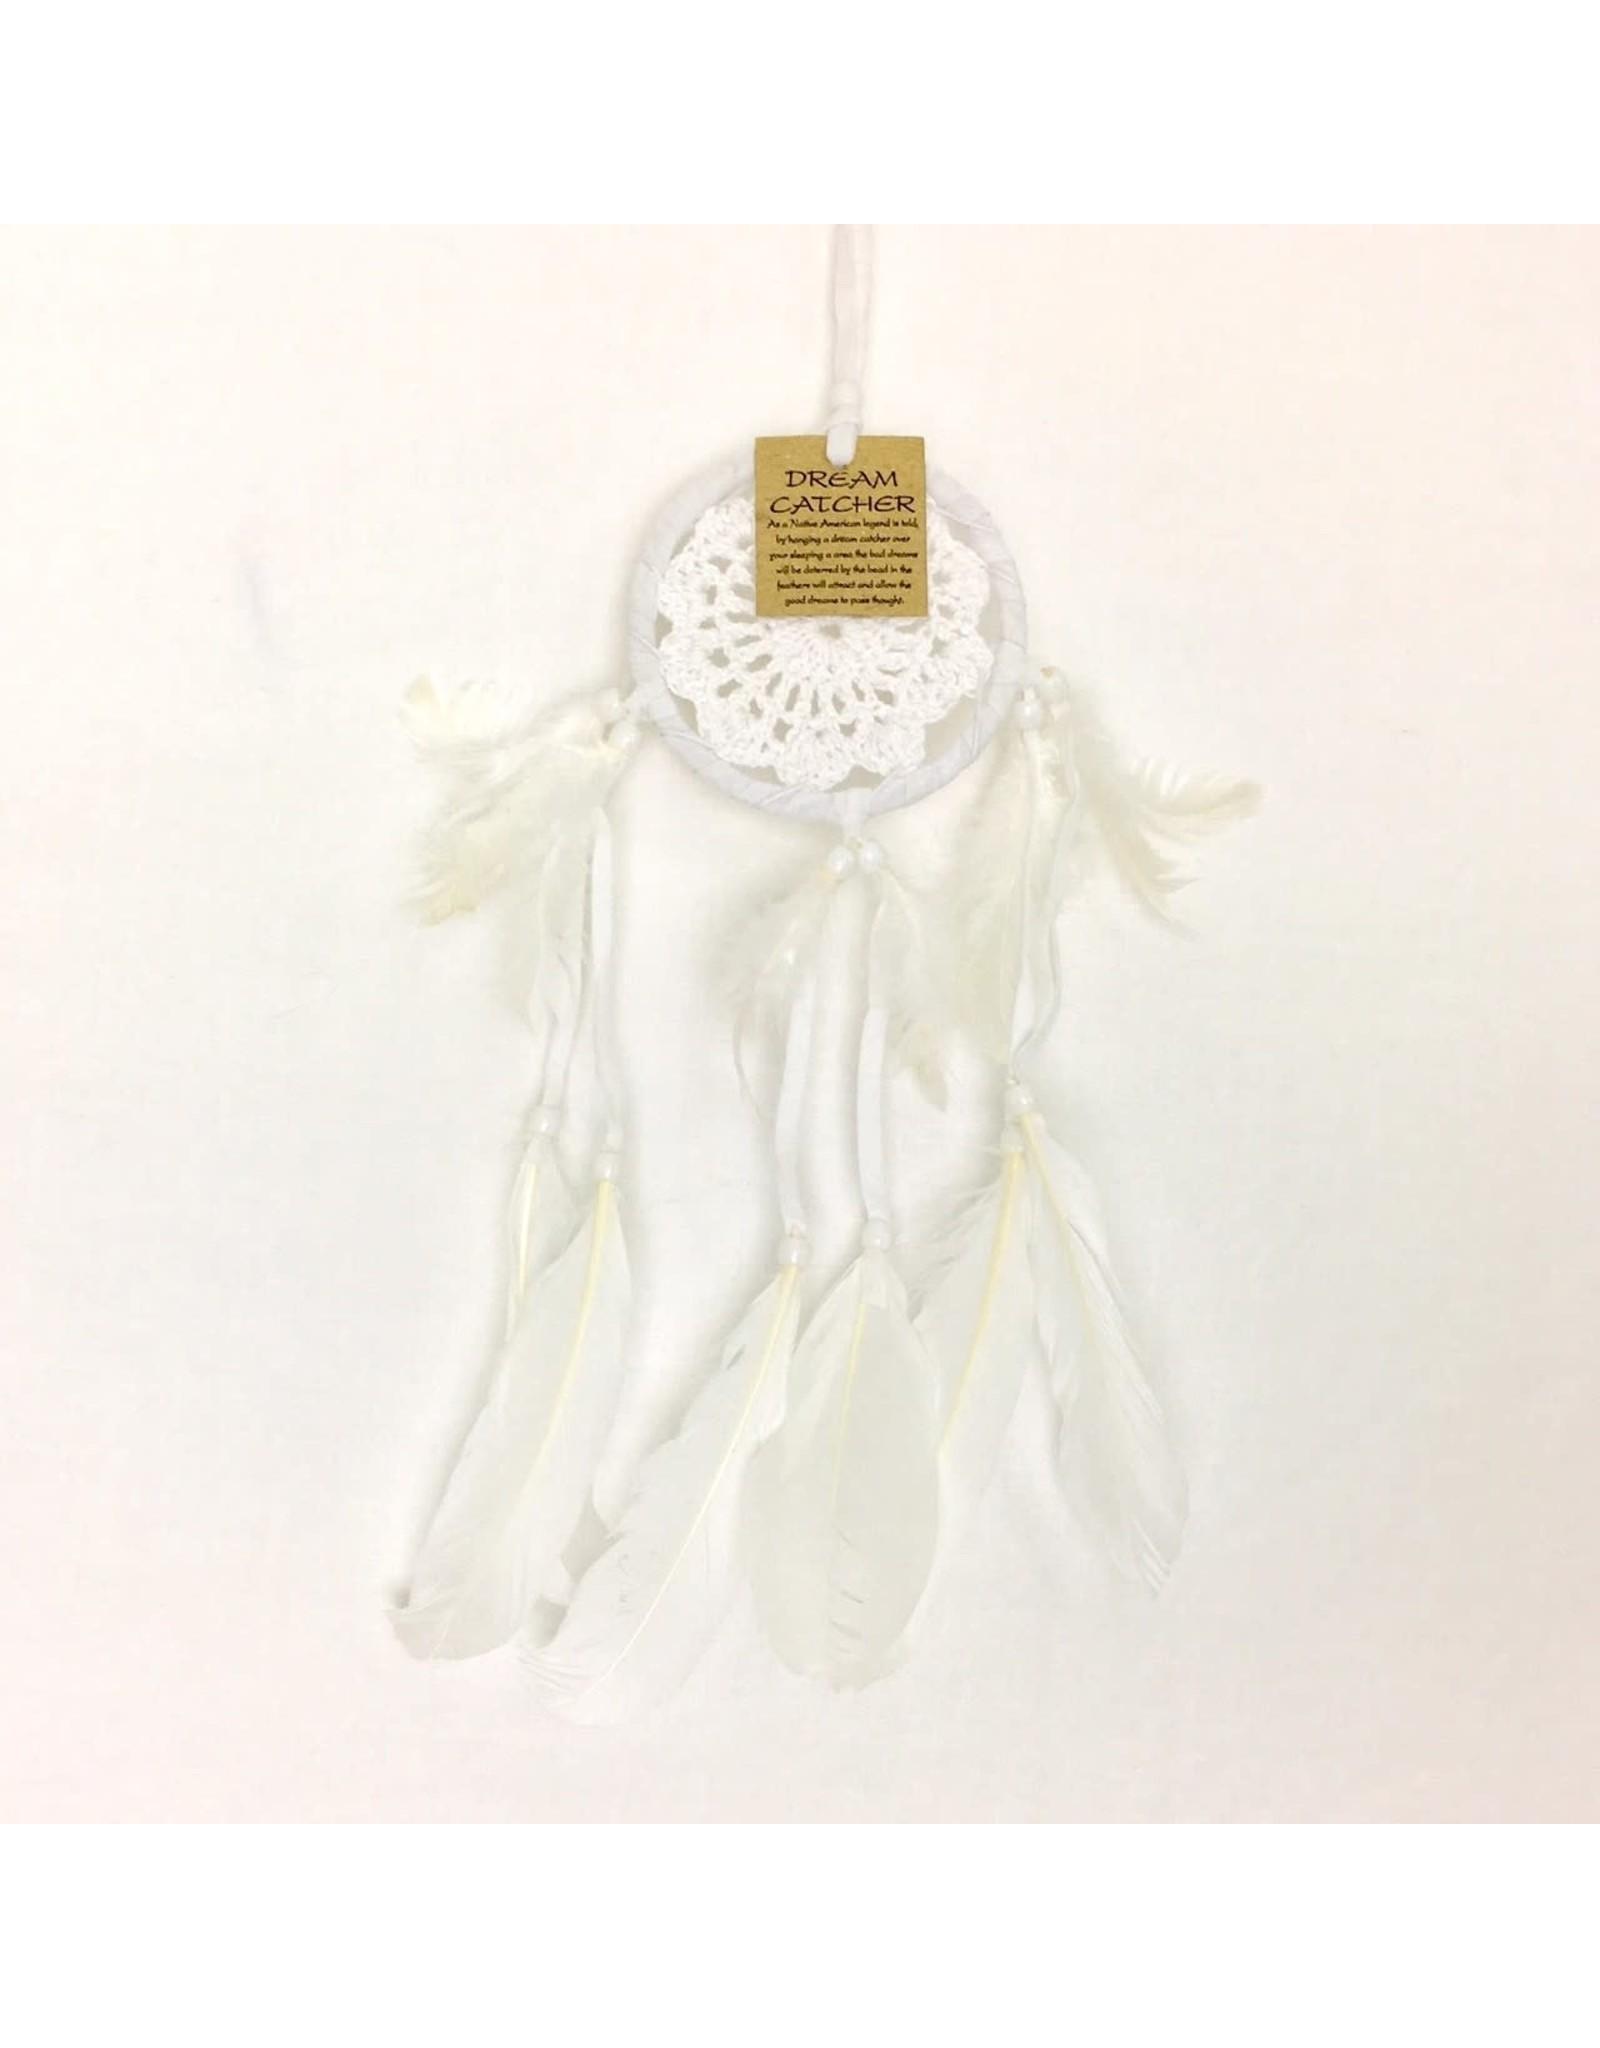 Dream Catcher Crochet White Mini 9cm